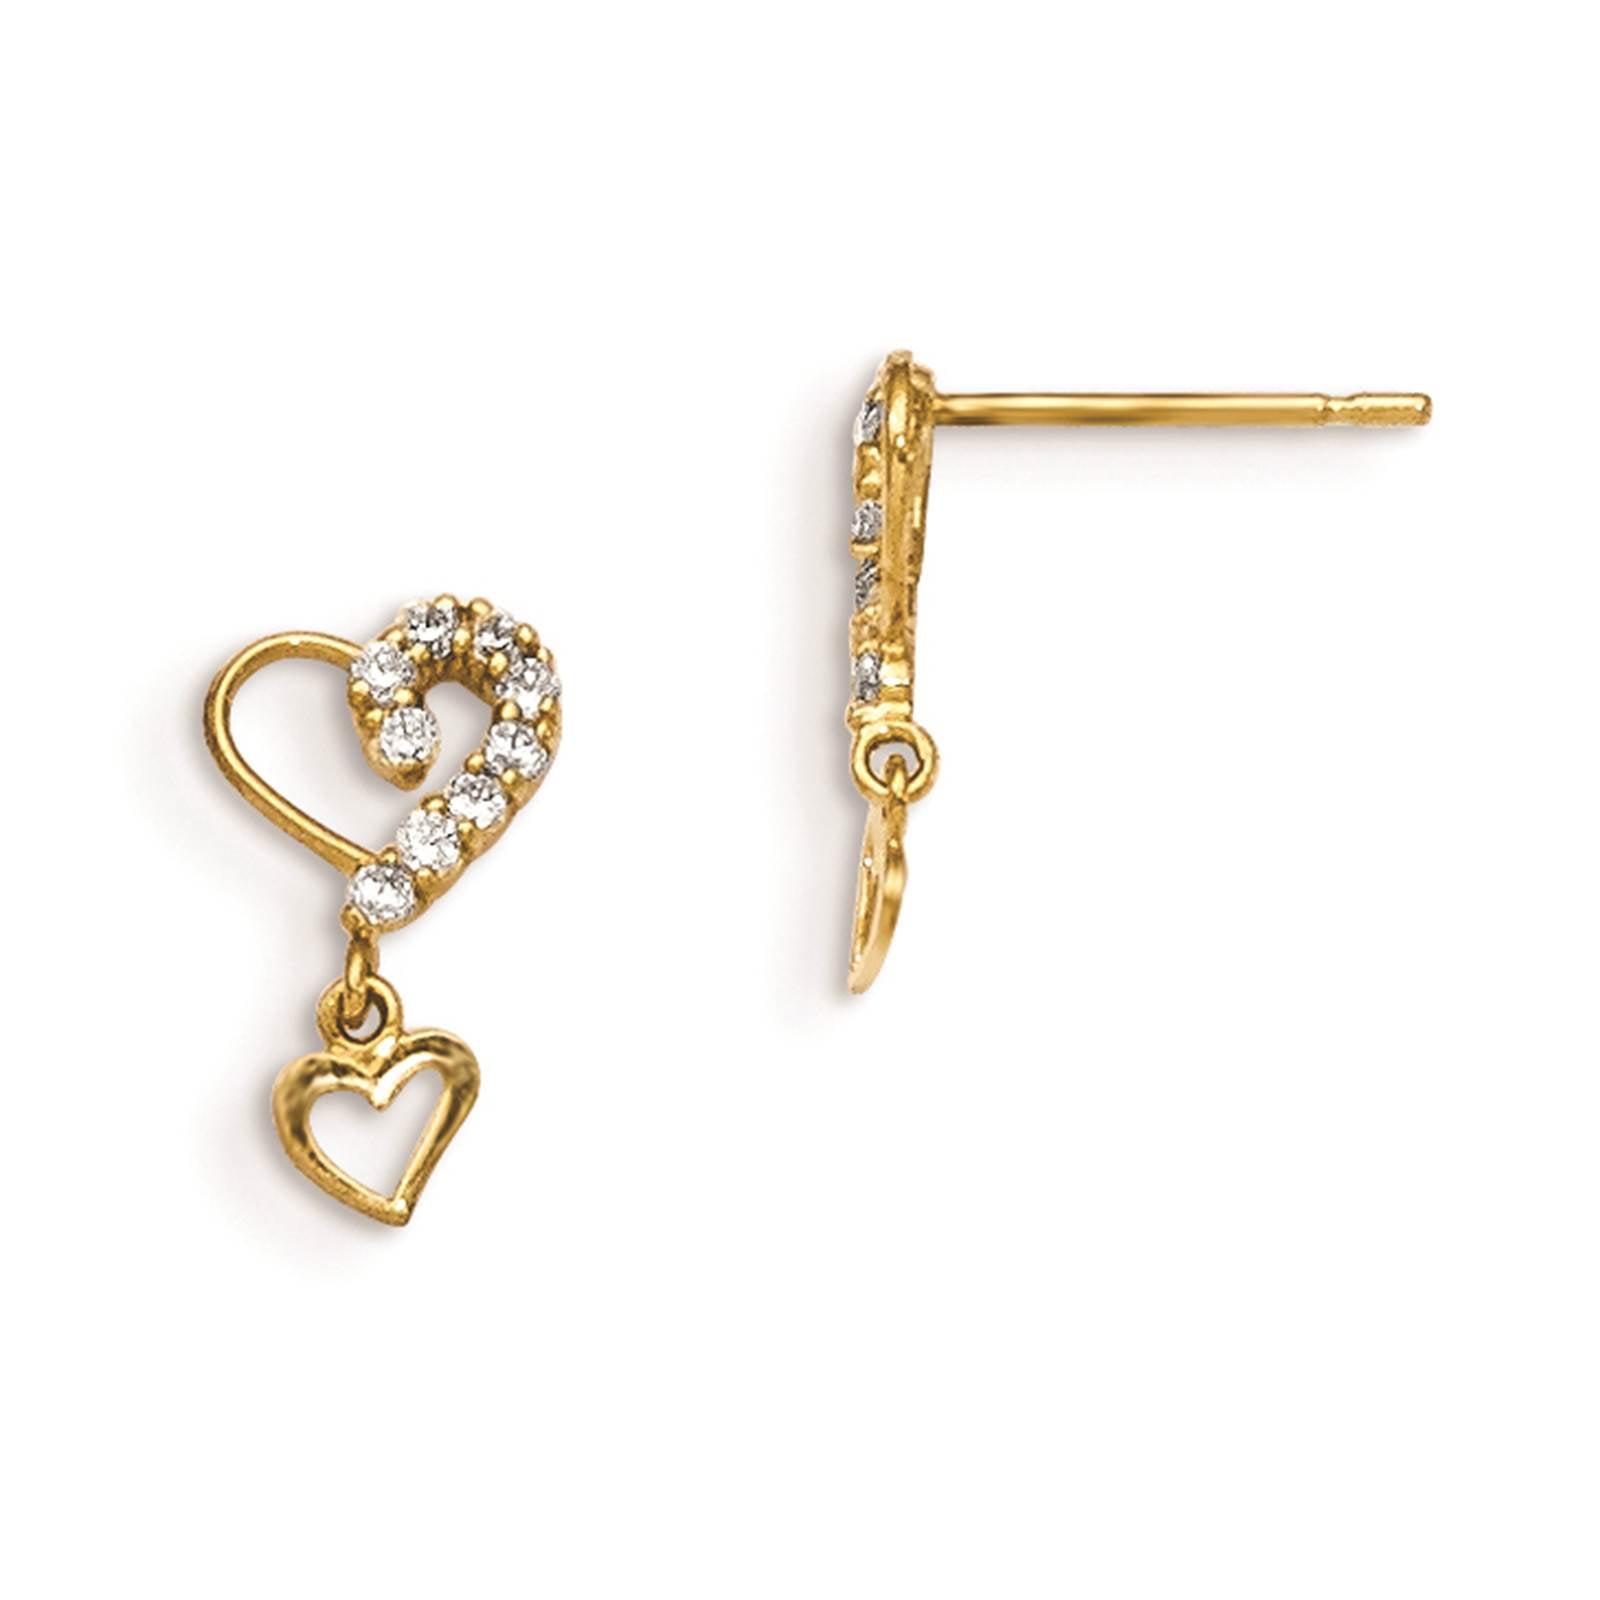 Madi K 14k Yellow Gold Children's Dangle Heart Post Earrings